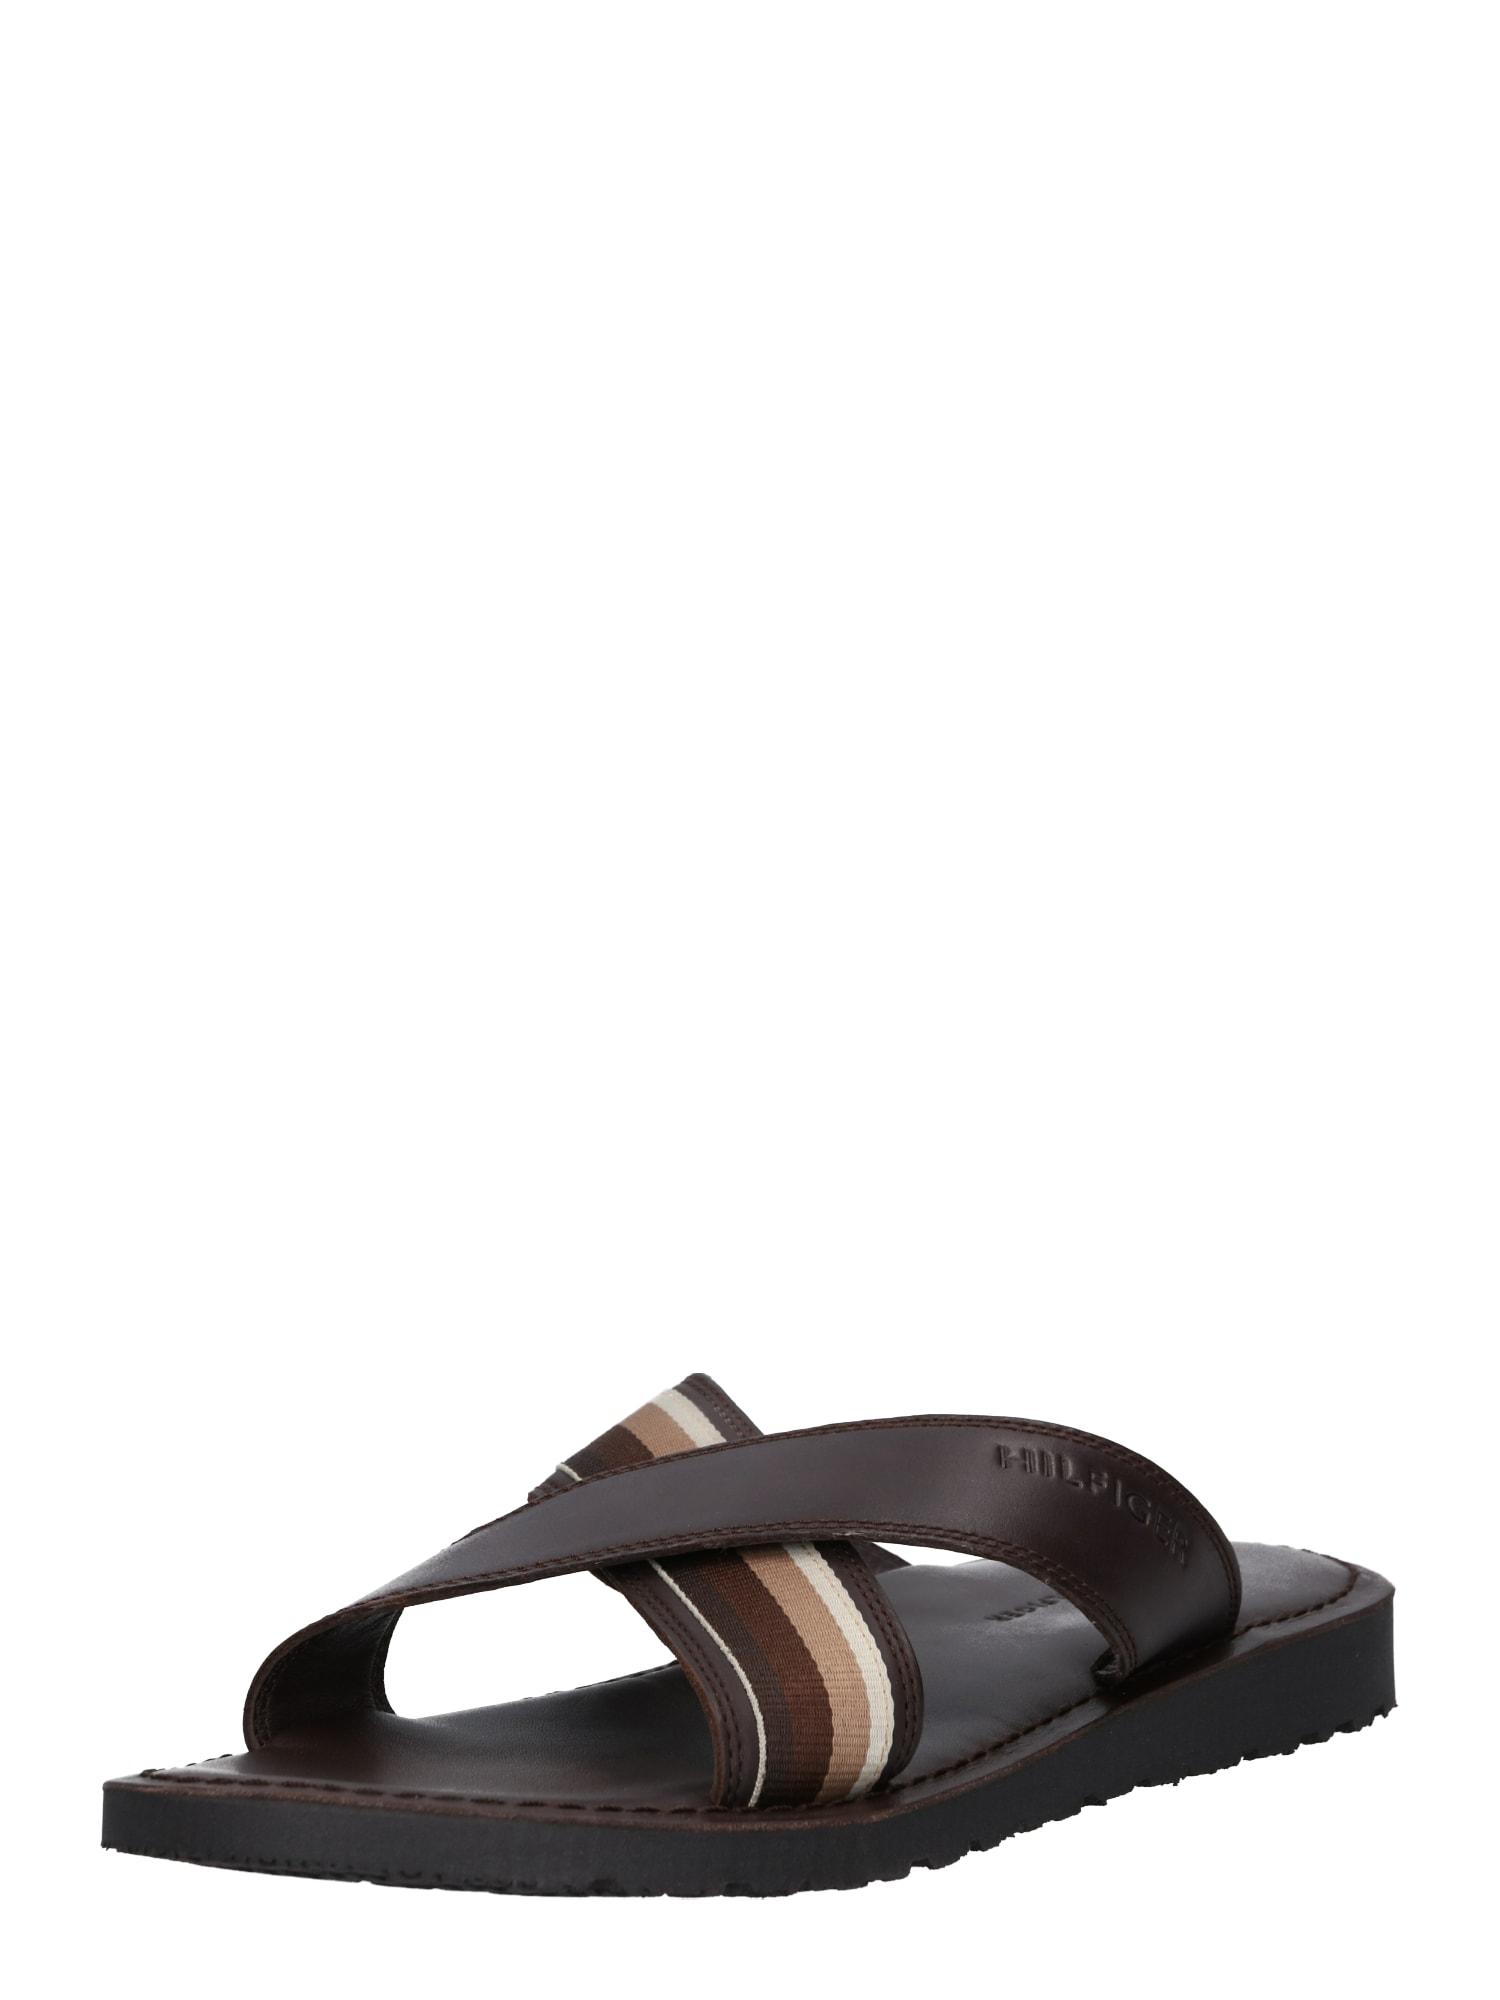 Zehentrenner   Schuhe > Sandalen & Zehentrenner   Tommy Hilfiger